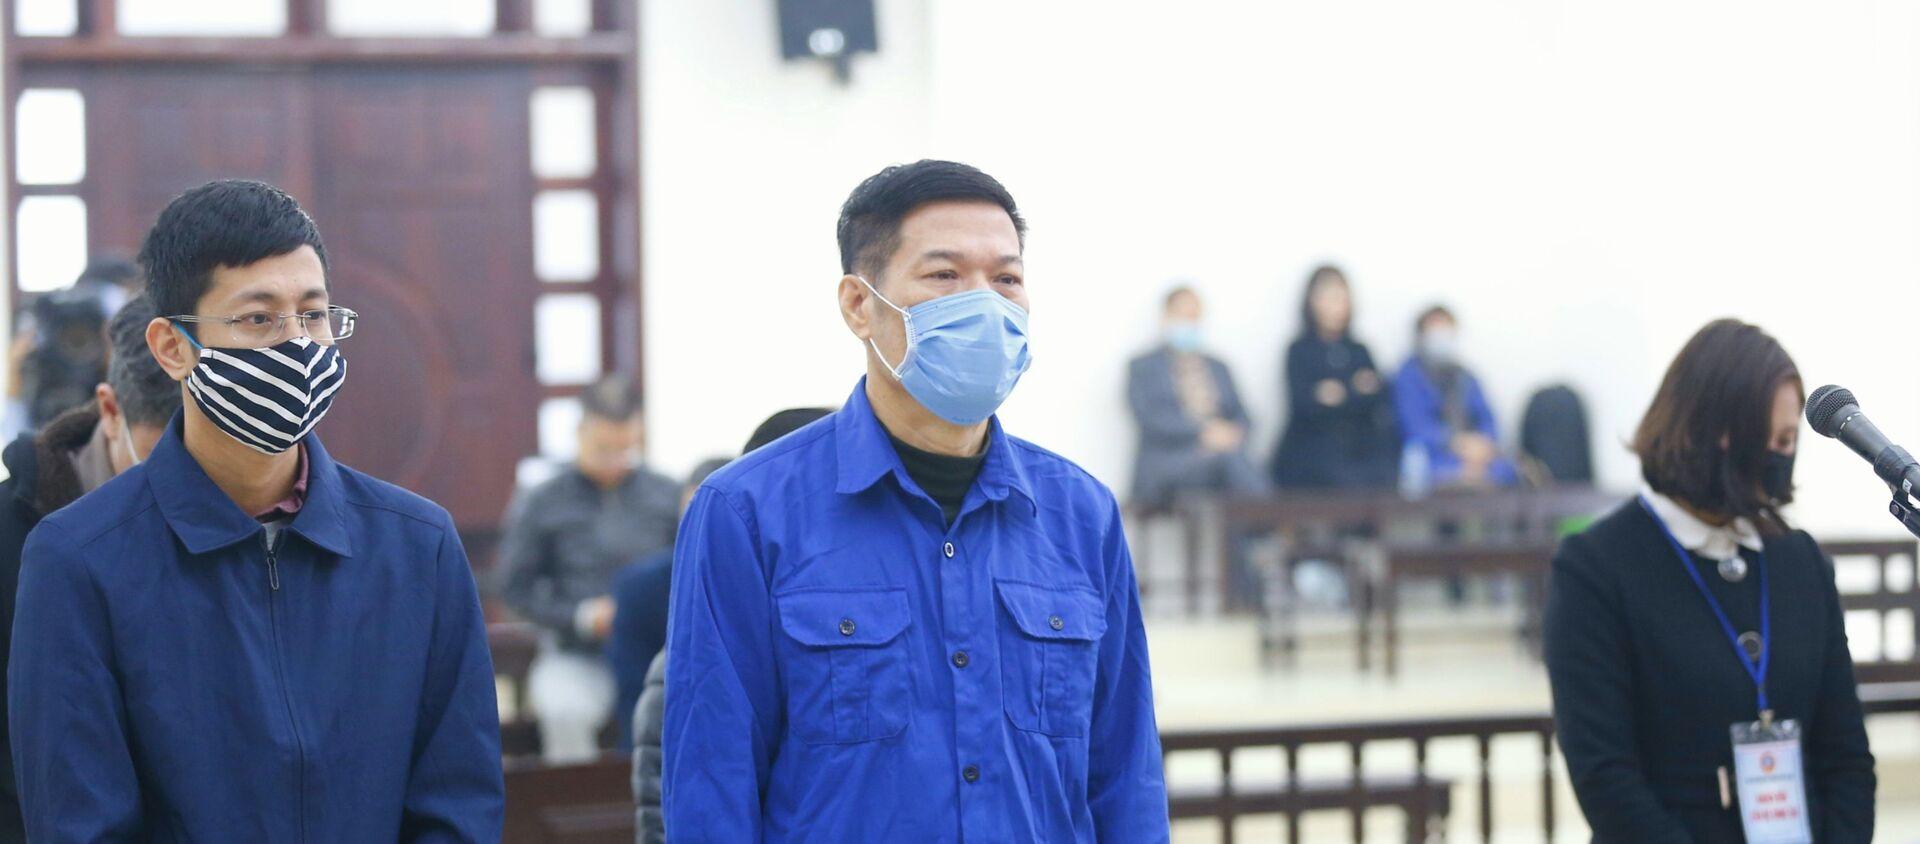 Bị cáo Nguyễn Nhật Cảm (sinh năm 1963, nguyên Giám đốc CDC Hà Nội) và đồng phạm nghe đại diện Viện Kiểm sát đọc Bản cáo trạng truy tố. - Sputnik Việt Nam, 1920, 11.12.2020